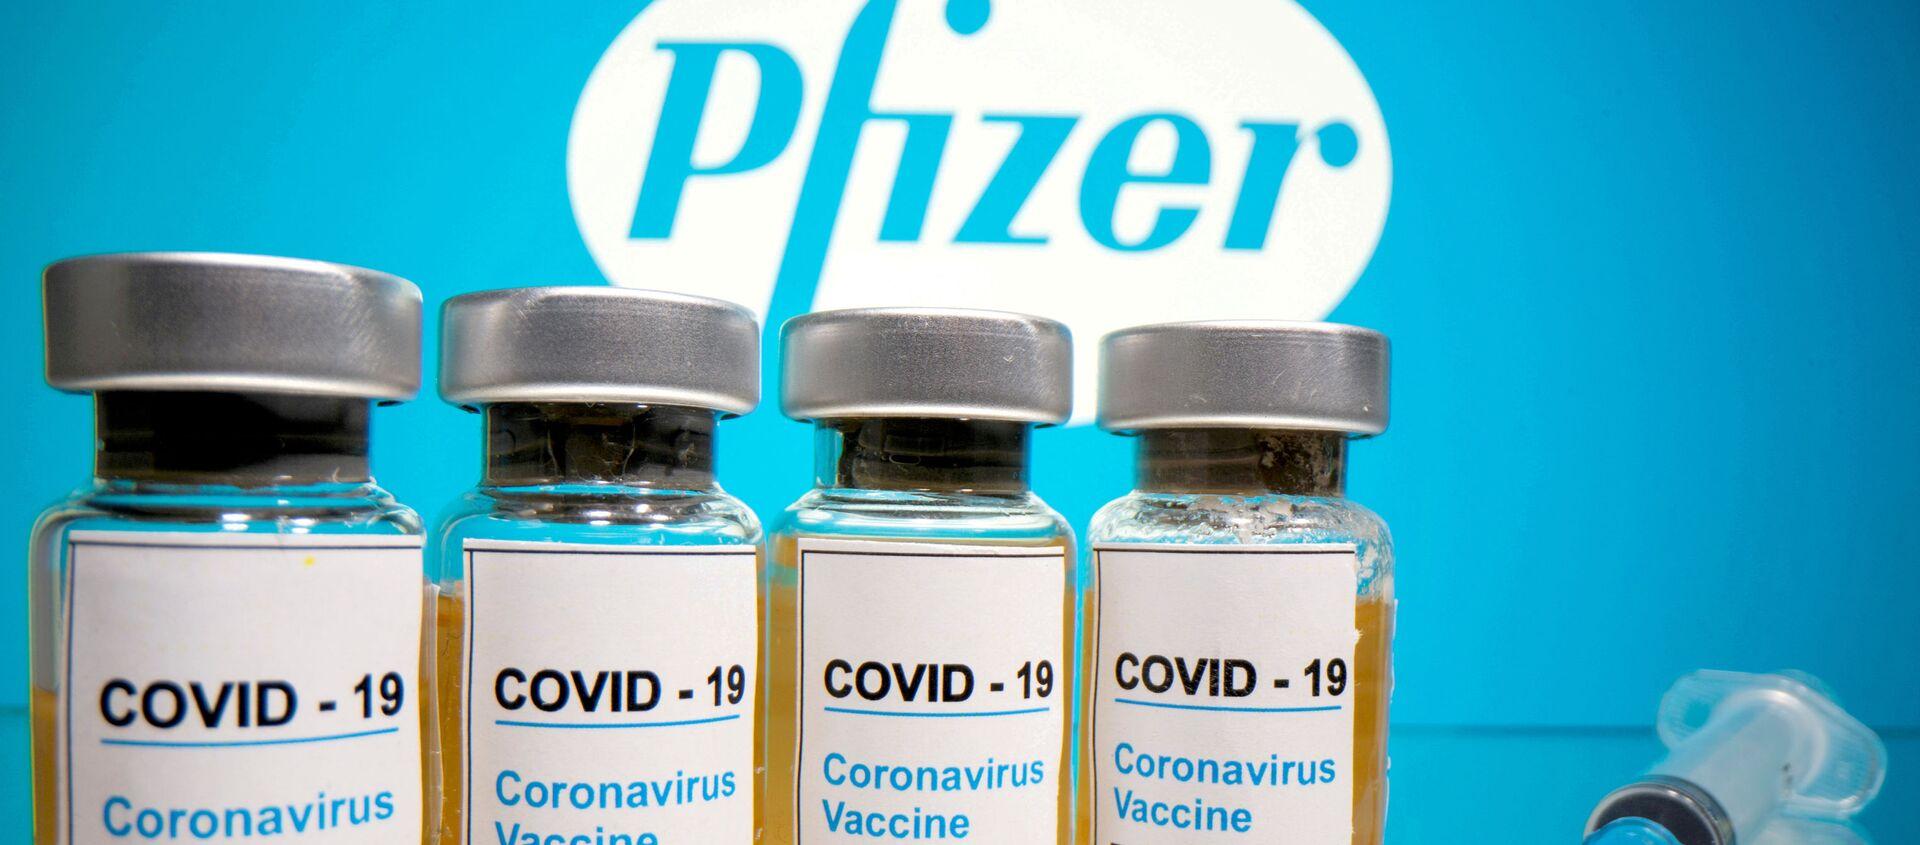 La vacuna anti-COVID de Pfizer - Sputnik Mundo, 1920, 24.12.2020